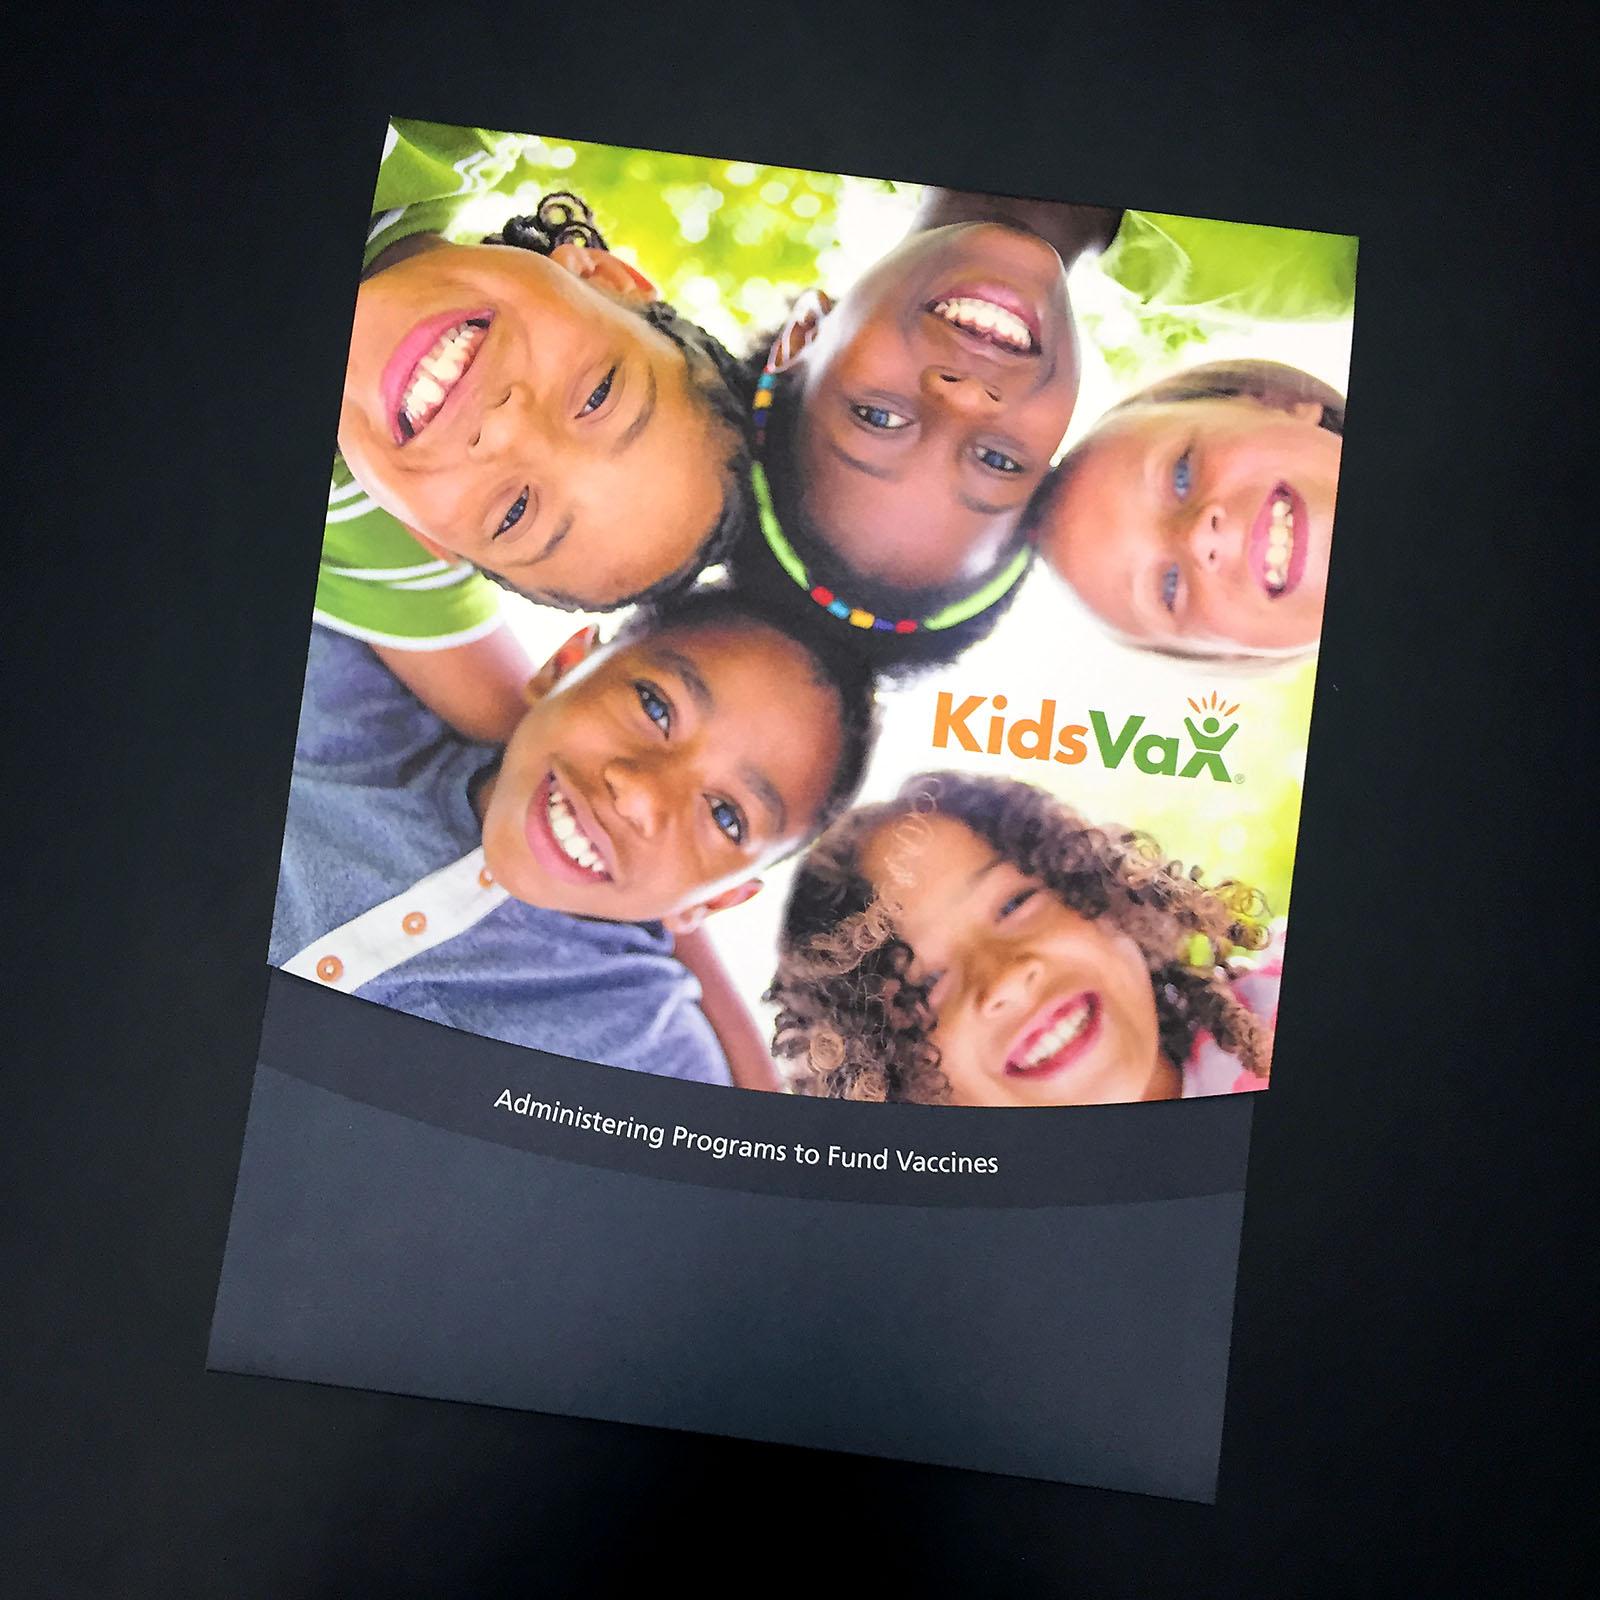 KidsVaxFolderBlog3.jpg